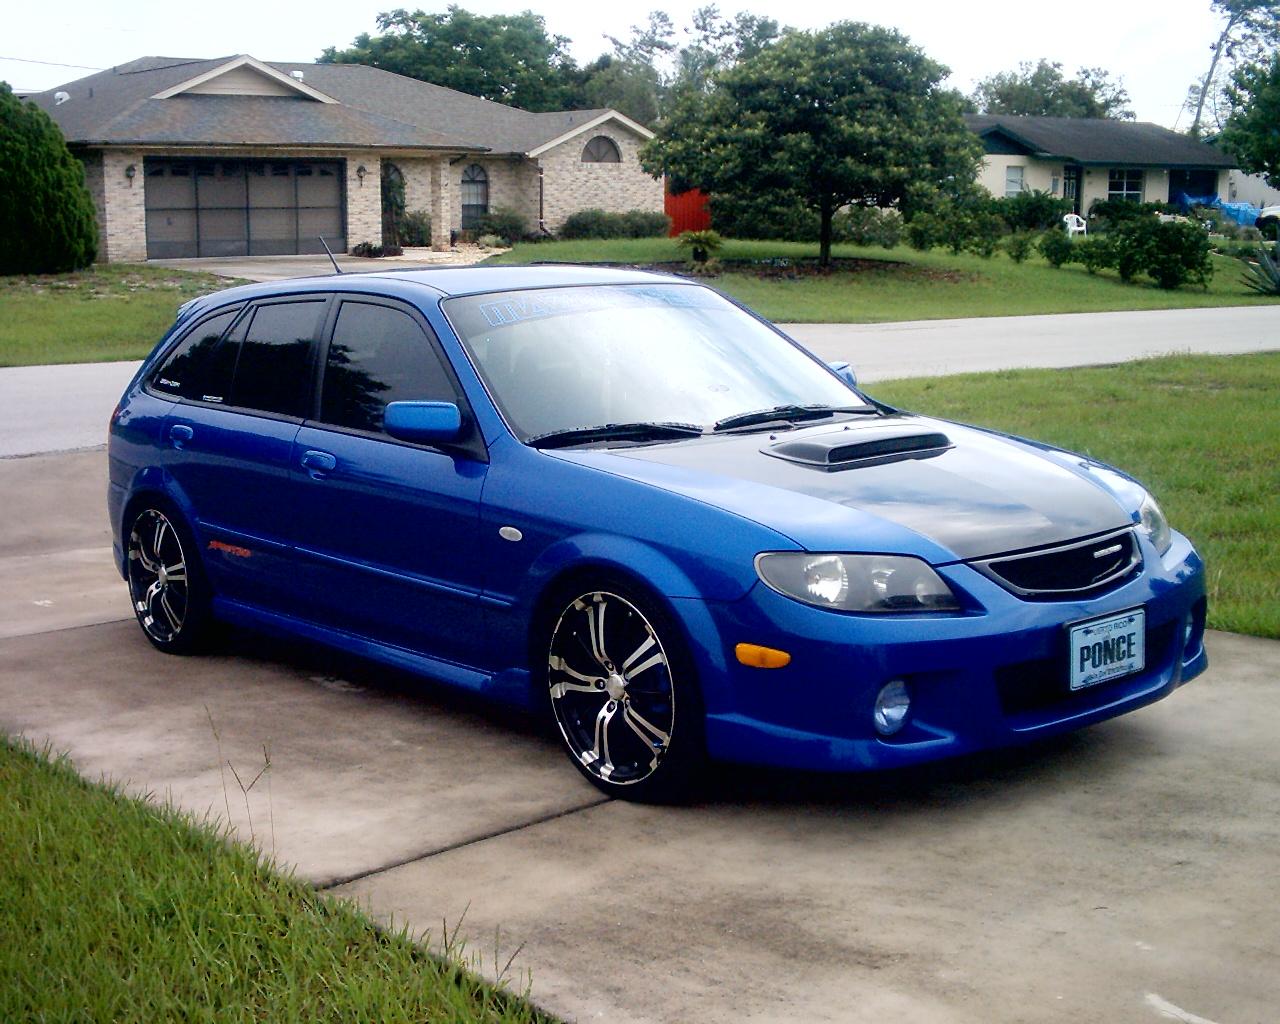 2003 Mazda Protege5 - Pictures - 2003 Mazda Protege5 4 Dr STD W ...